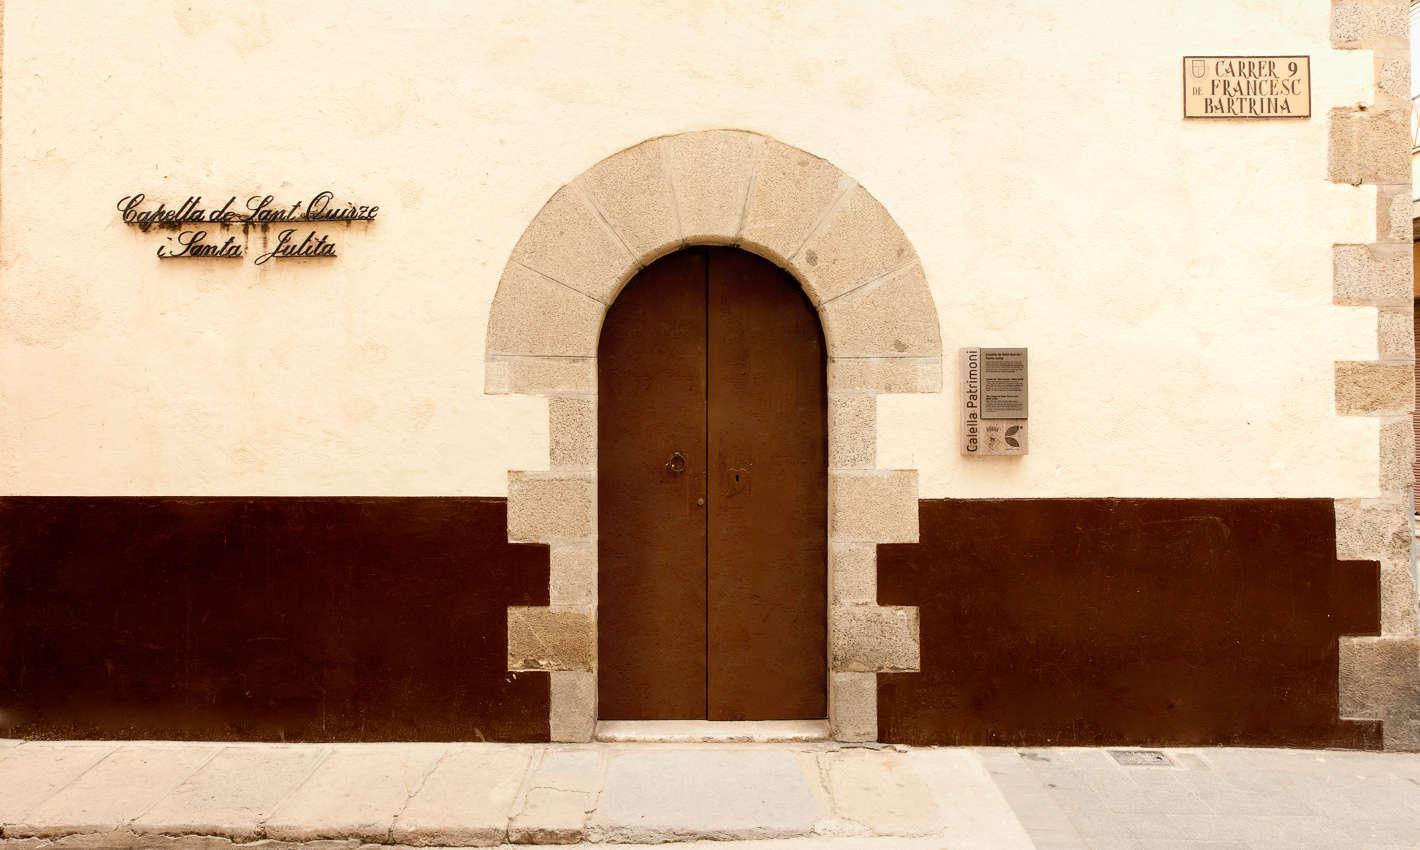 Portal de la Capella de Sant Quirze i Santa Julita